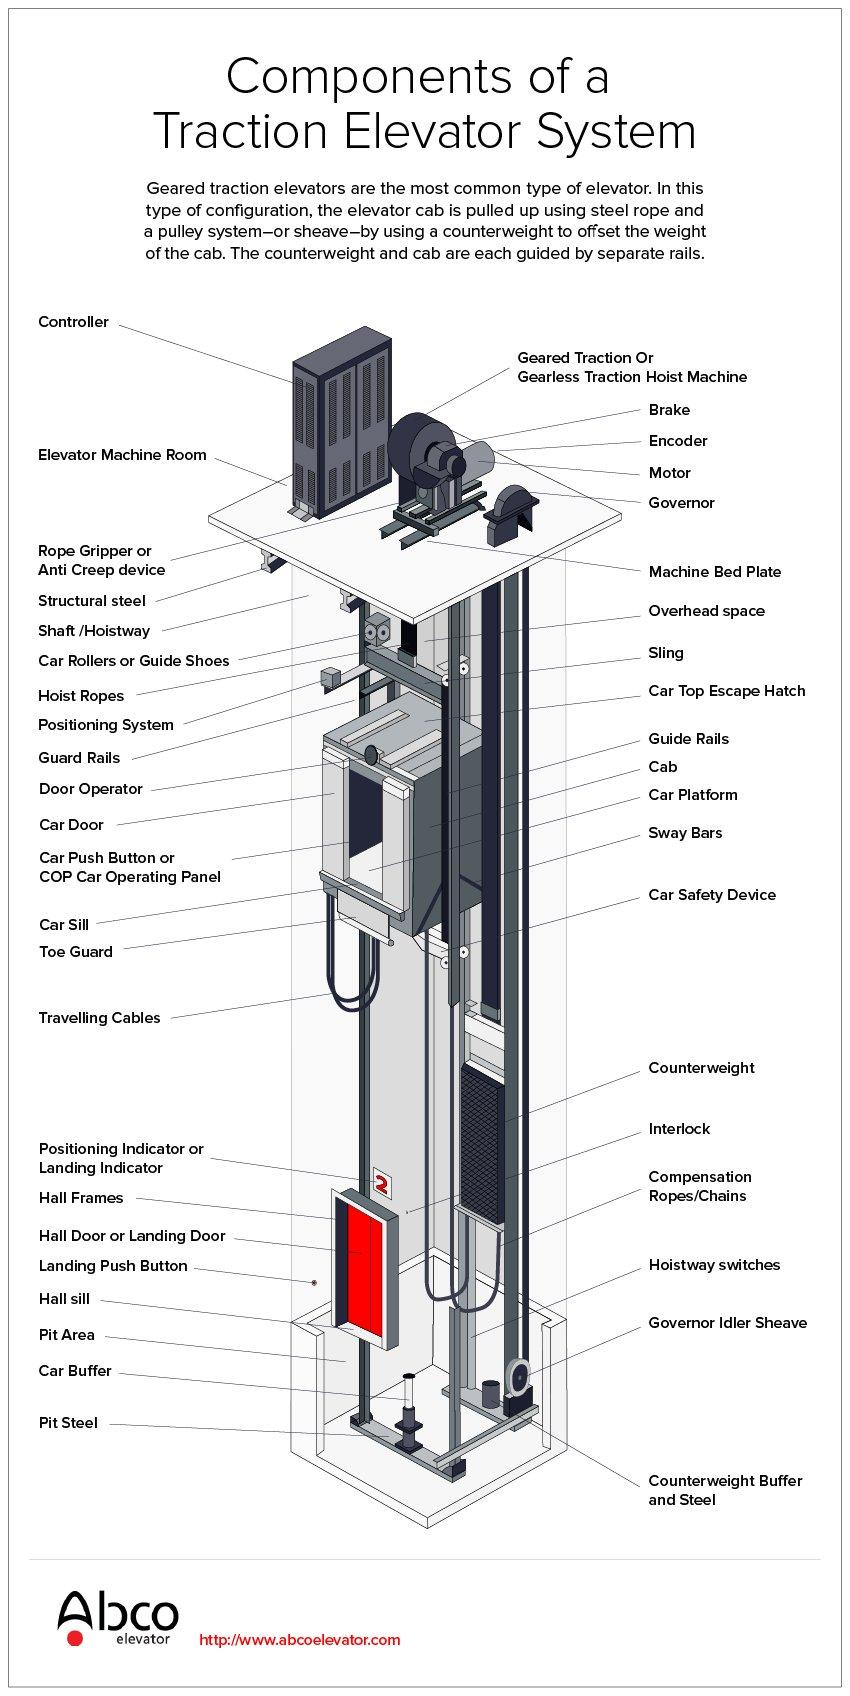 Traction Elevators 101 Abco Elevator Ladder Logic Diagram For